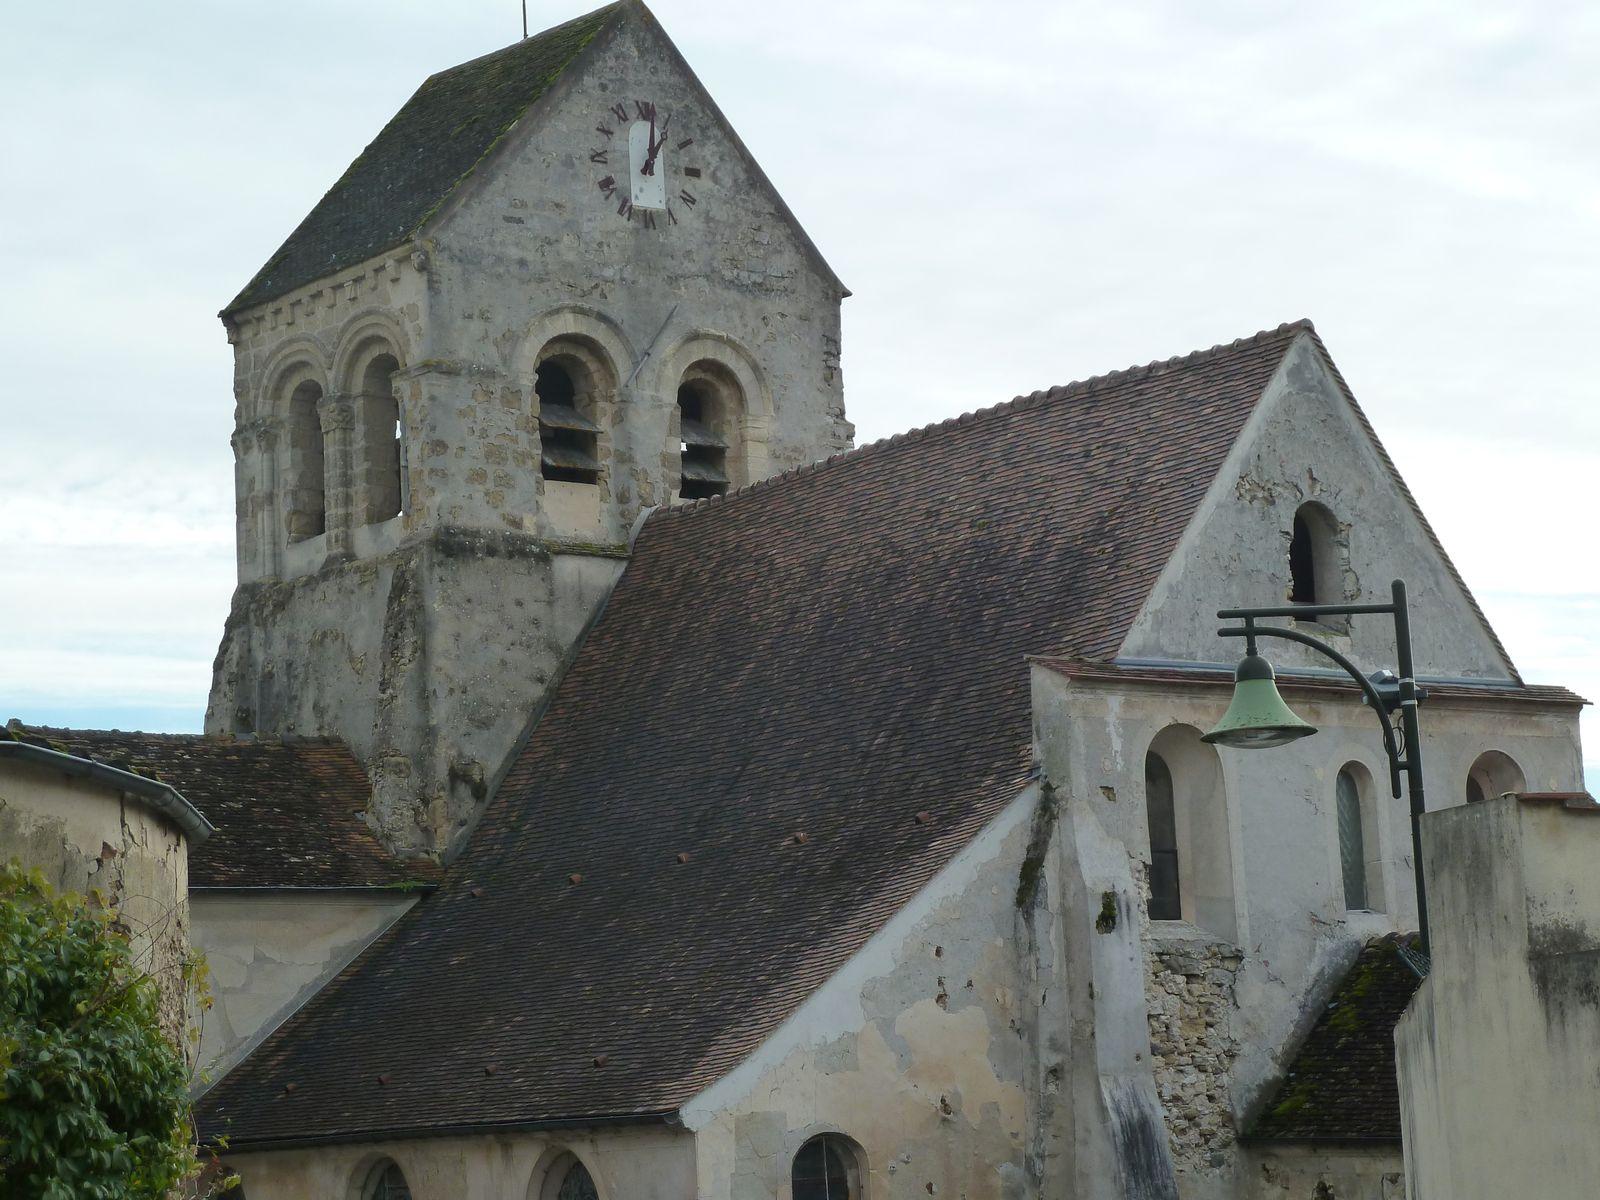 Saint-Quiriace, (évêque martyr) Au XVIIIème siècle le terrain sur lequel l'église est construite appartient au Duc de Montmorency qui est le seigneur d'une partie de la paroisse.